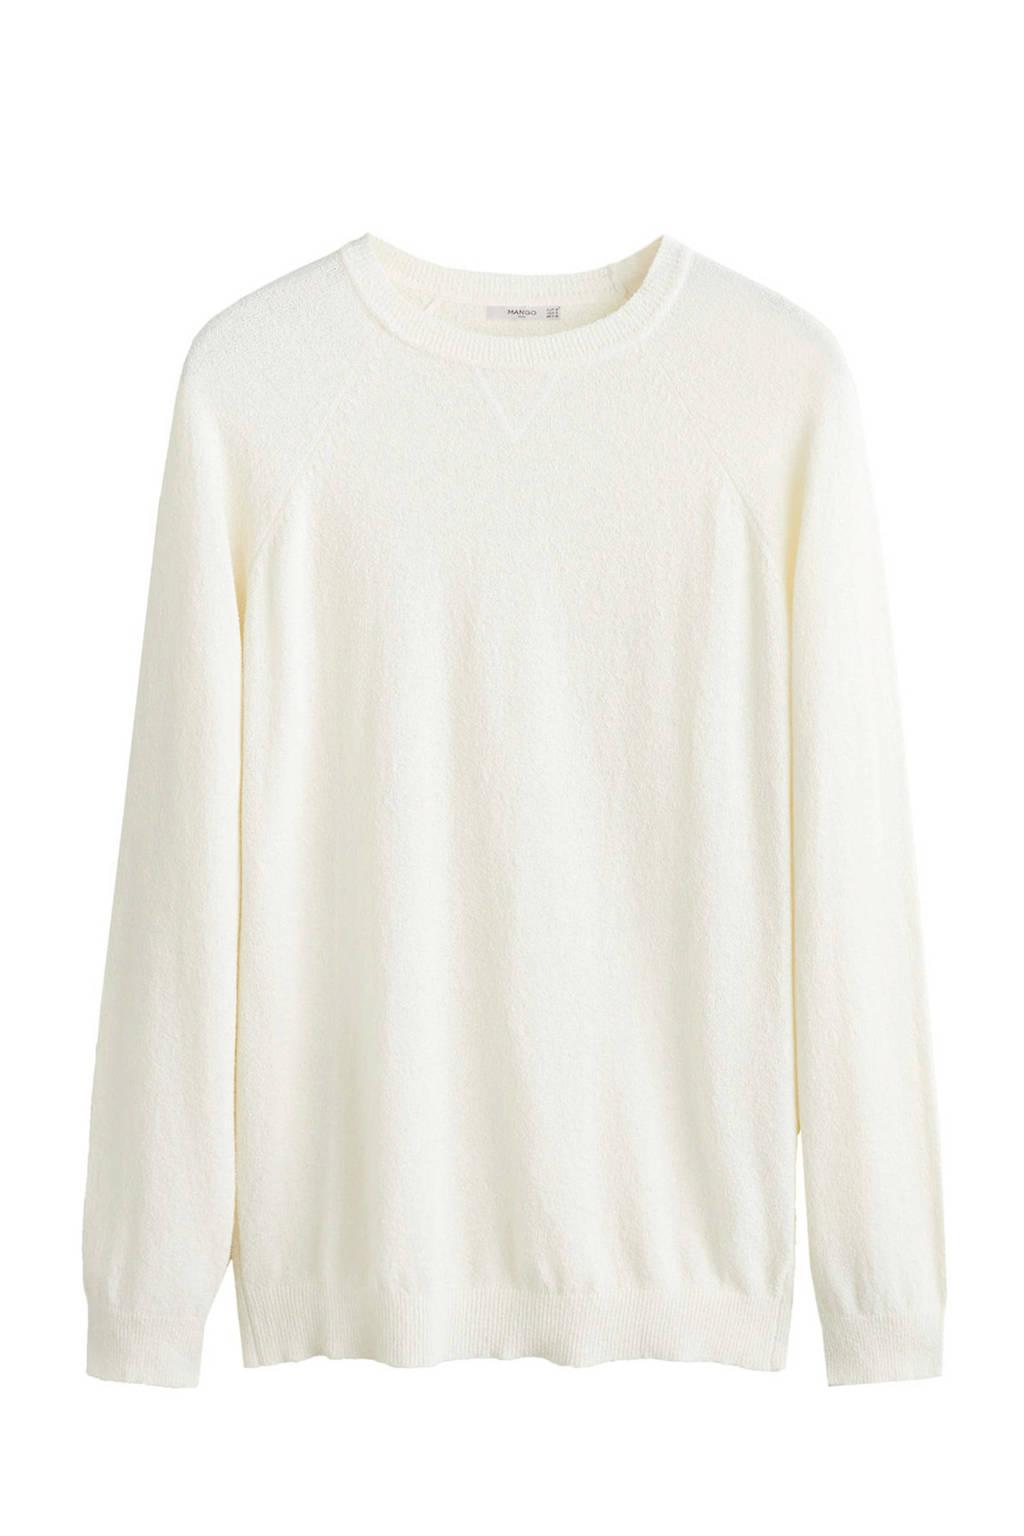 Mango Man trui met textuur wit, Wit